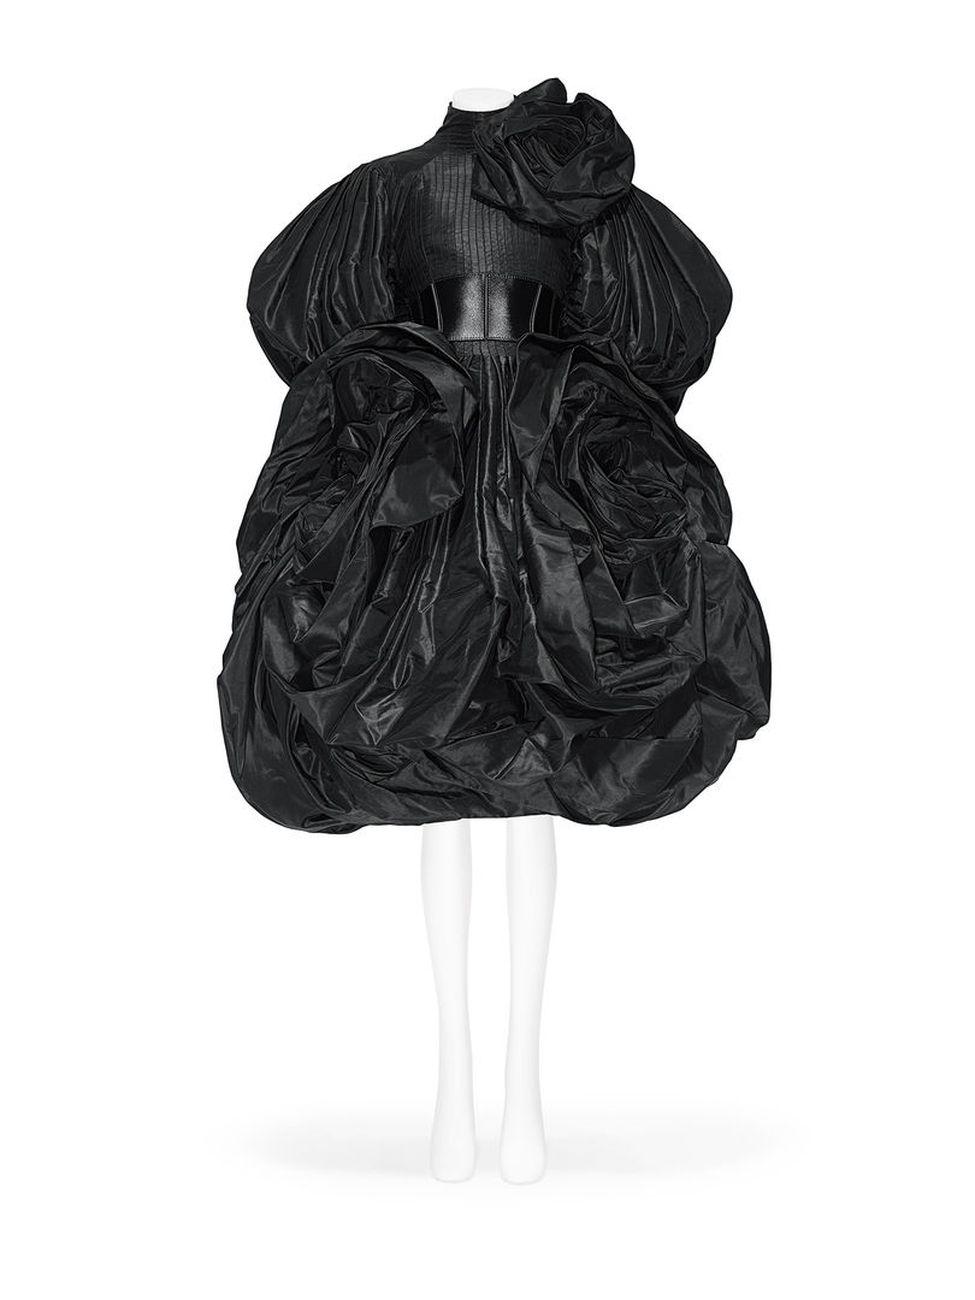 L'abito più recente in esposizione. Alexander McQueen, Sarah Burton Collezione AI 2019–20. Photograph © Nicholas Alan Cope